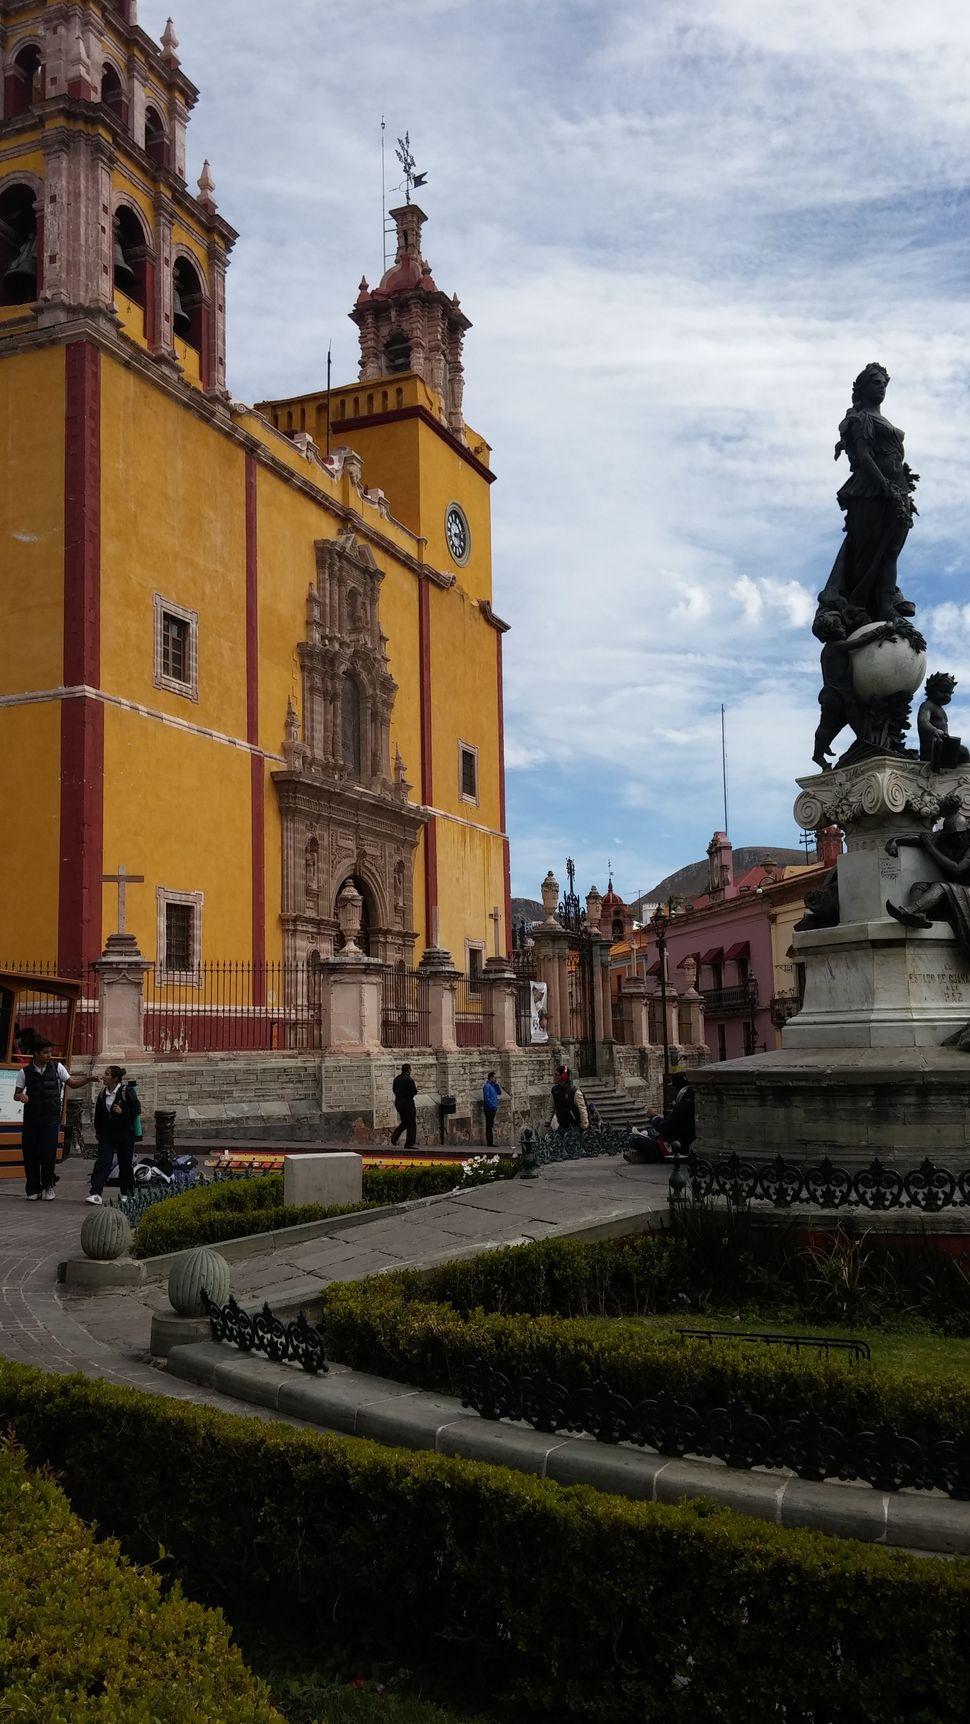 라파즈 광장과 바실리카 누에스트라 세뇨라.